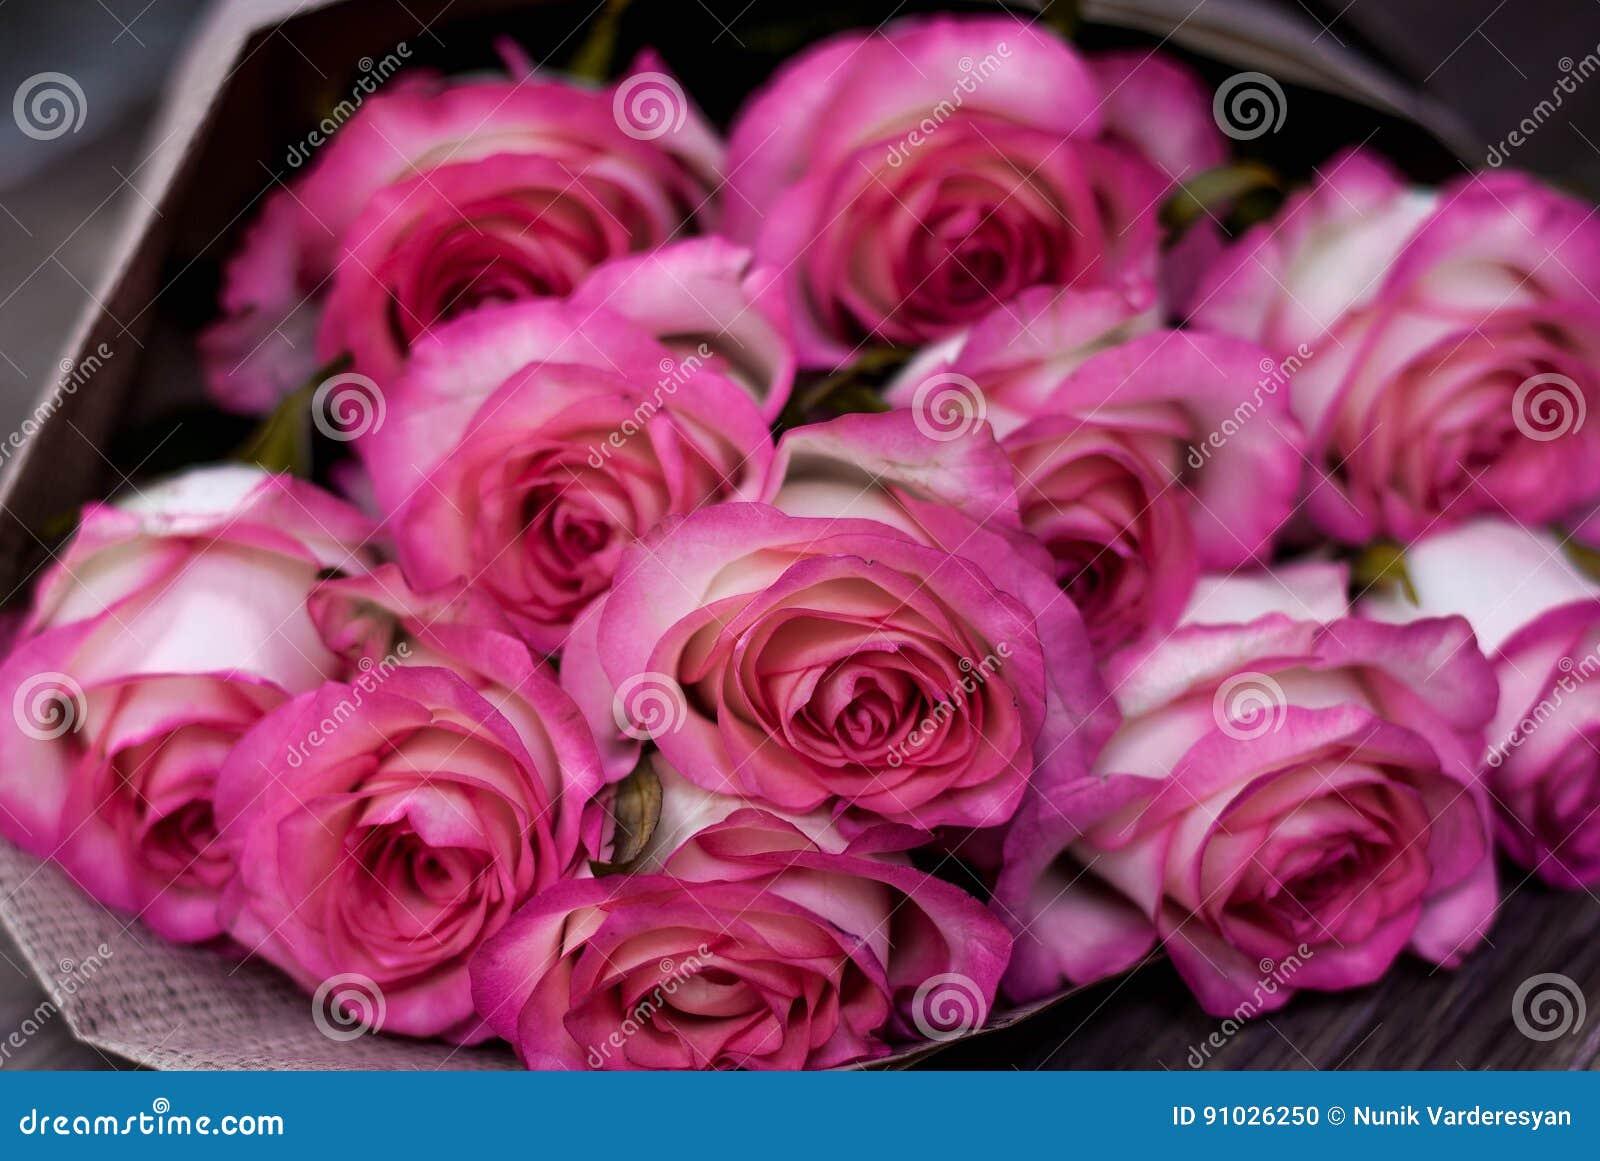 Mooie verse roze rozen